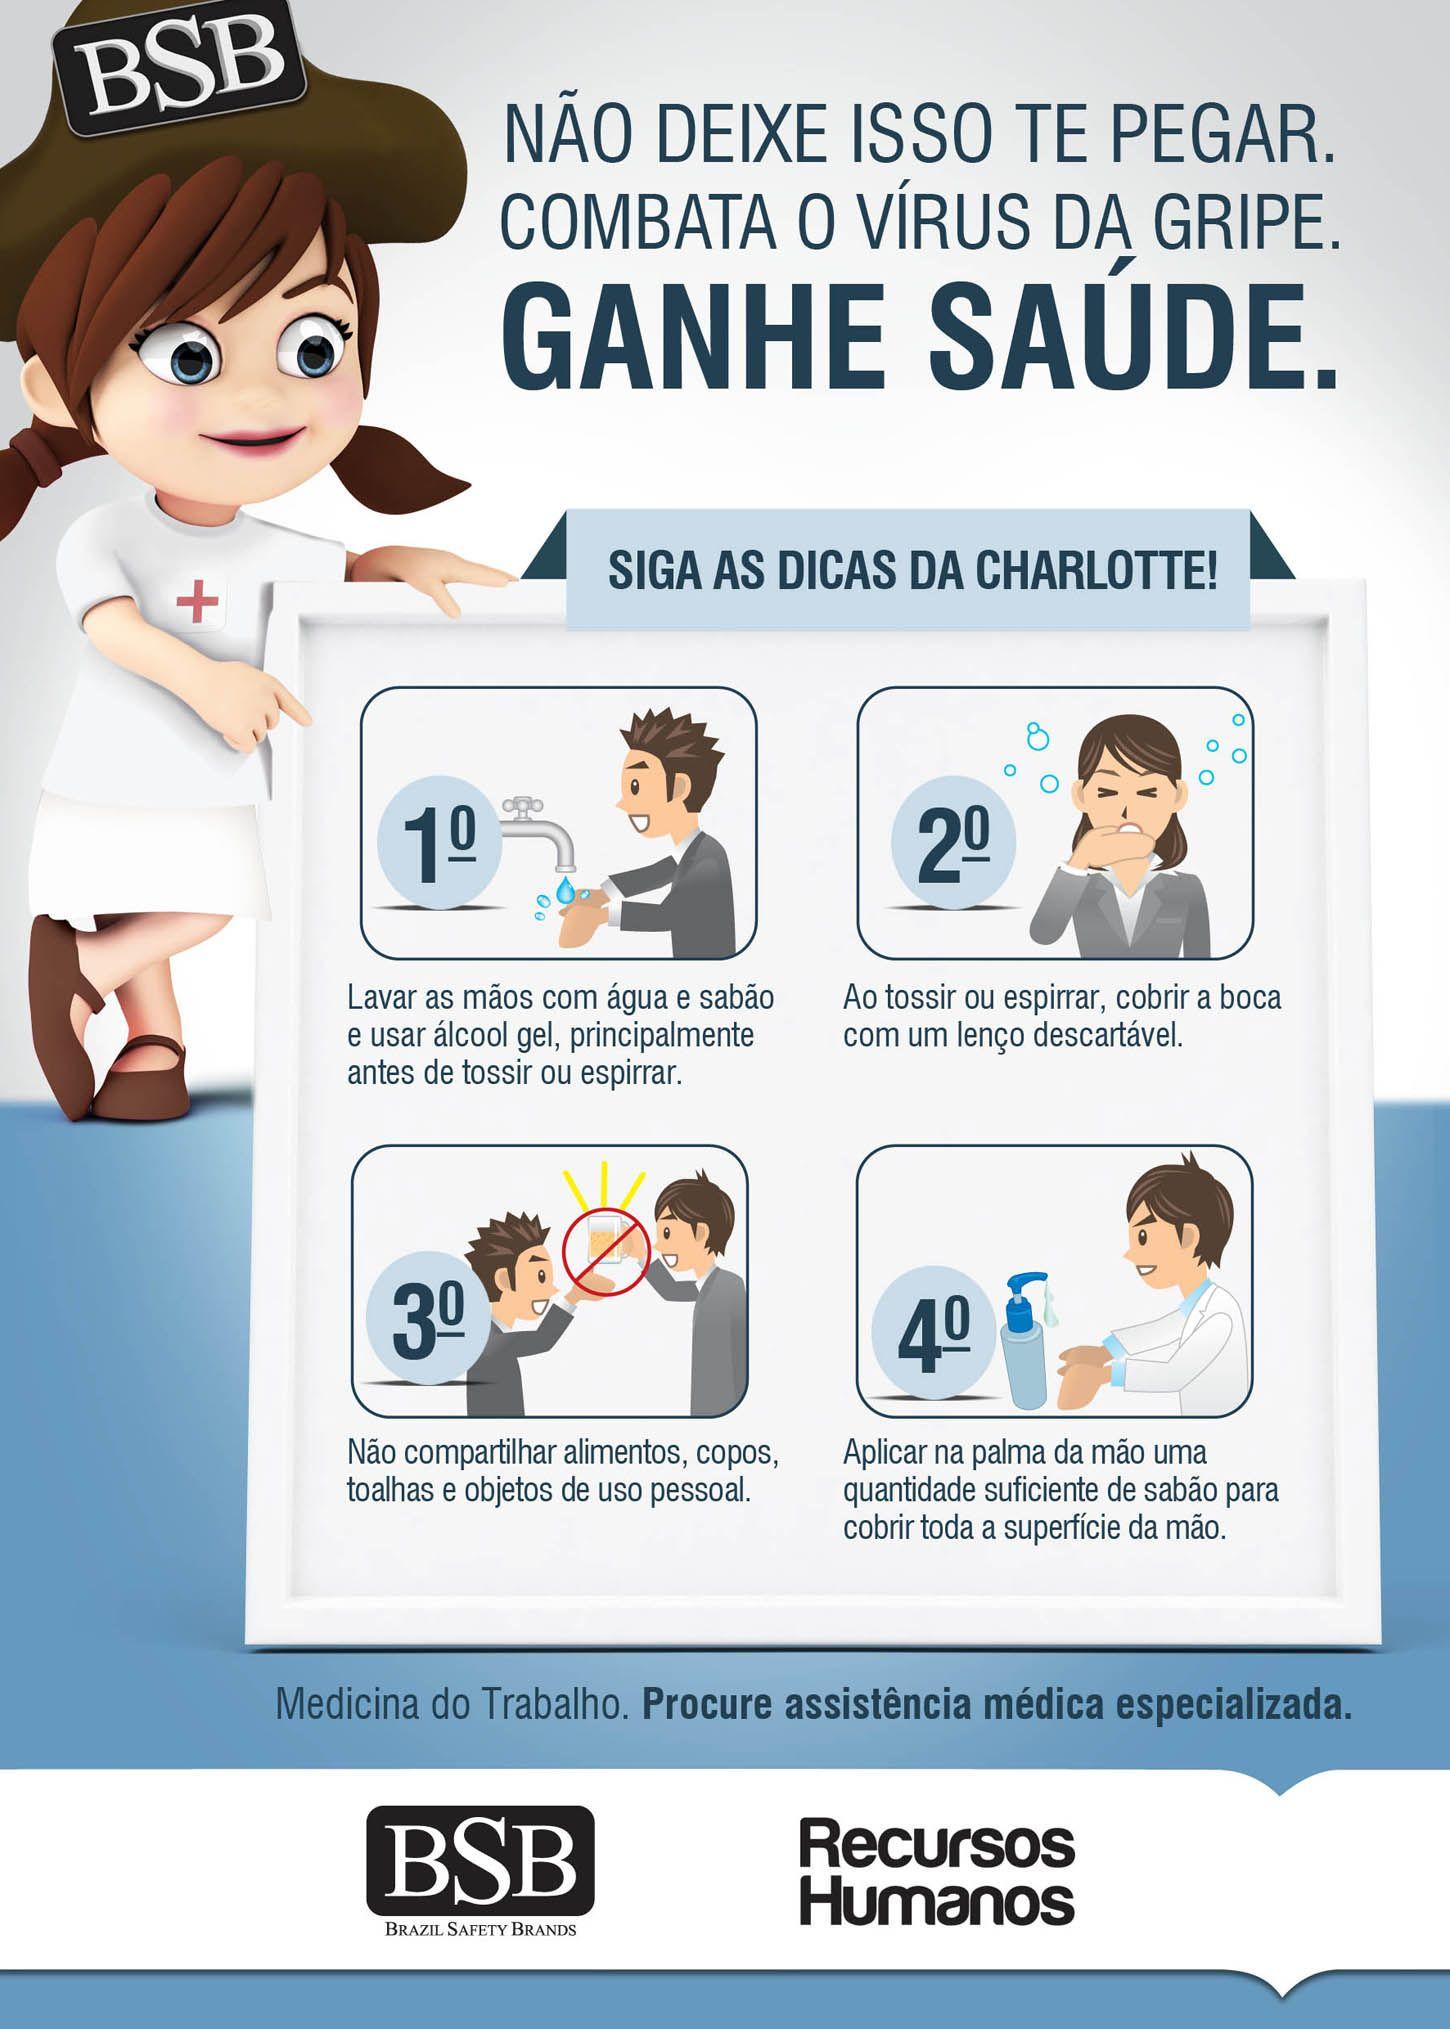 BSB - Campanha contra gripe.